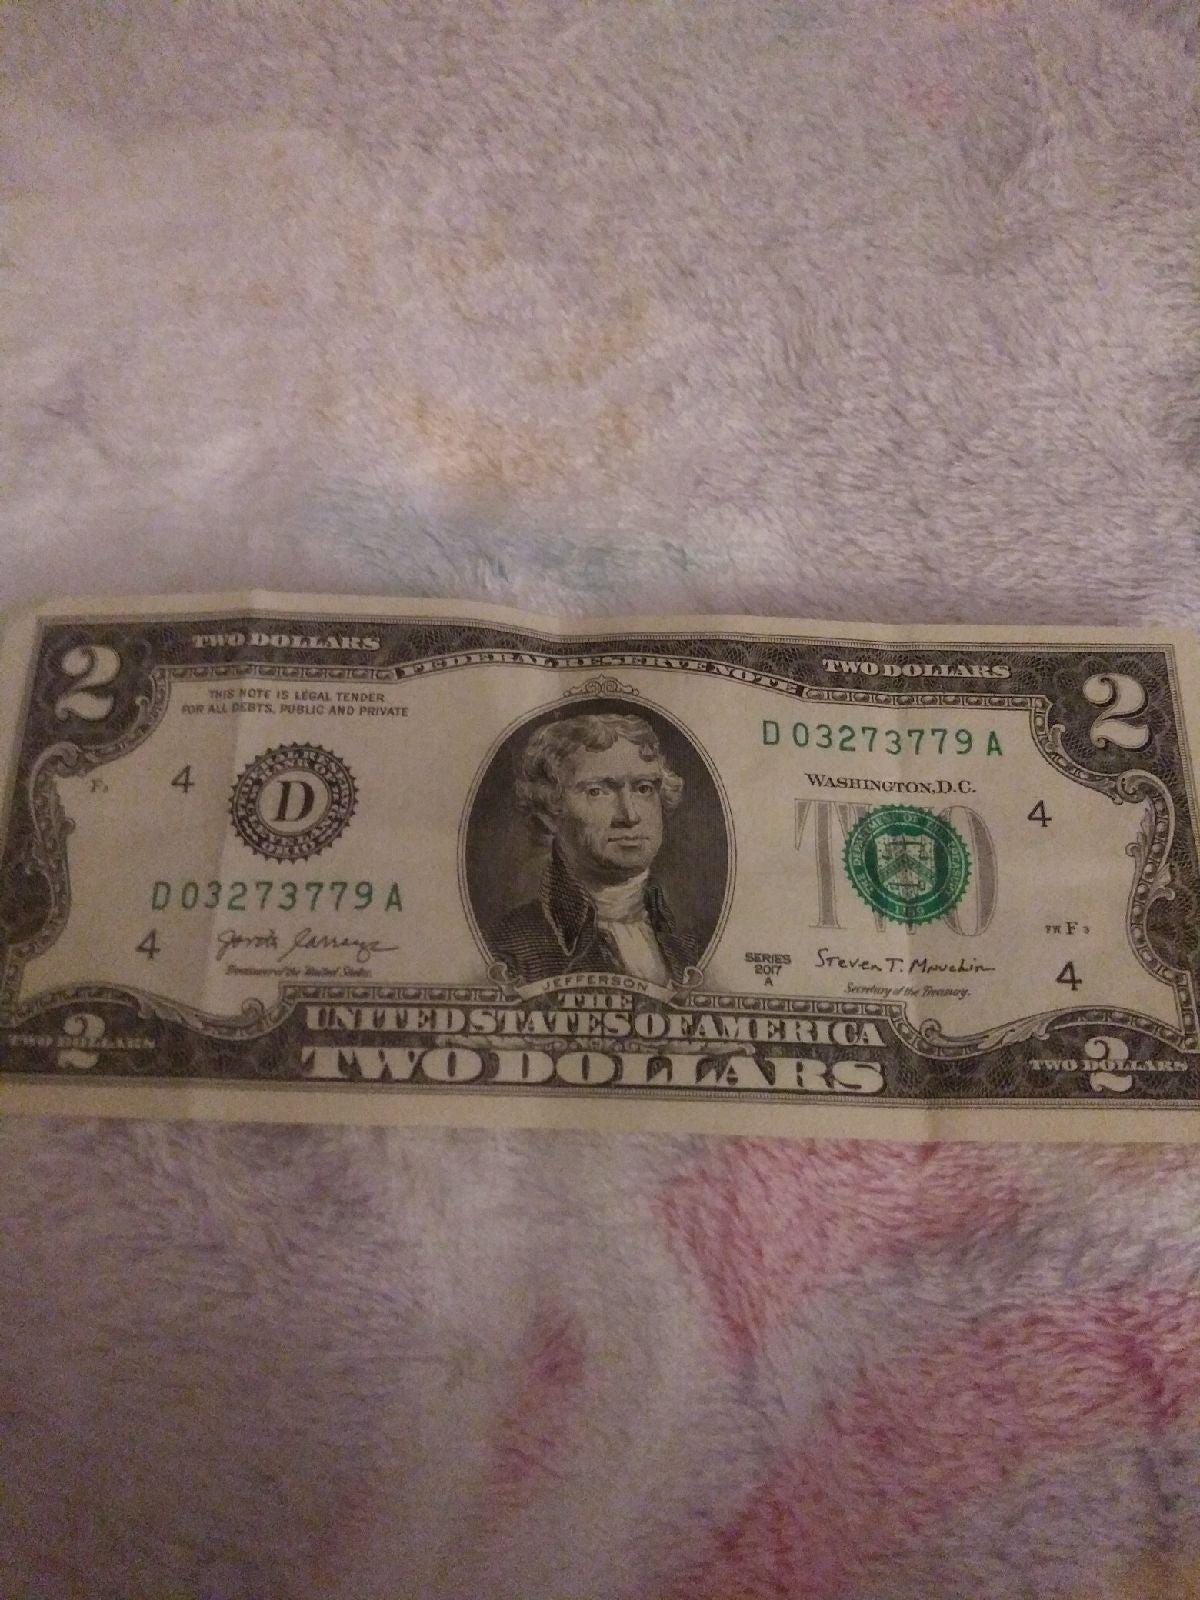 A $2 bill